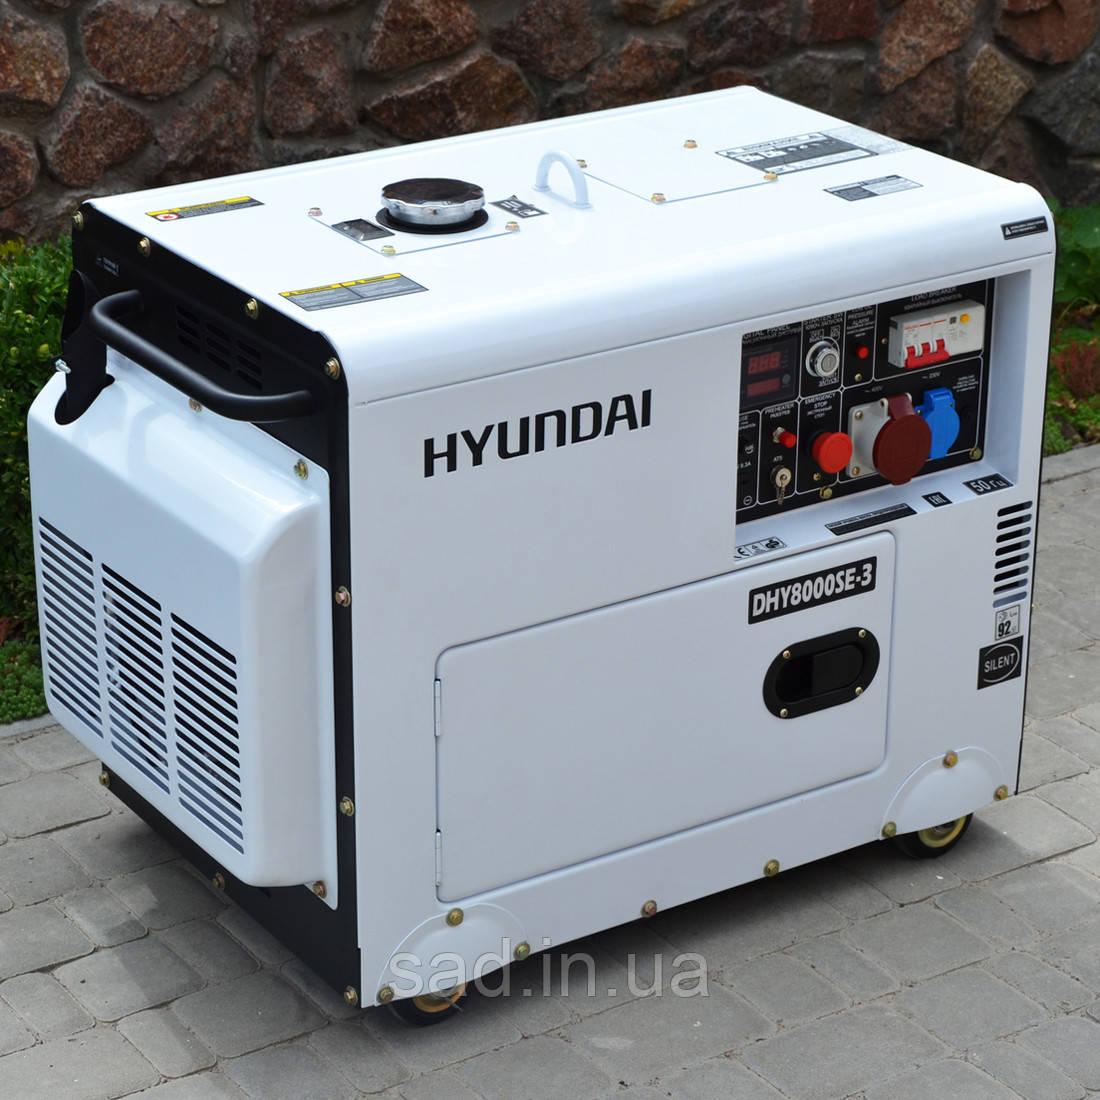 запчасти на дизель-генератор hyundai dhy8000se